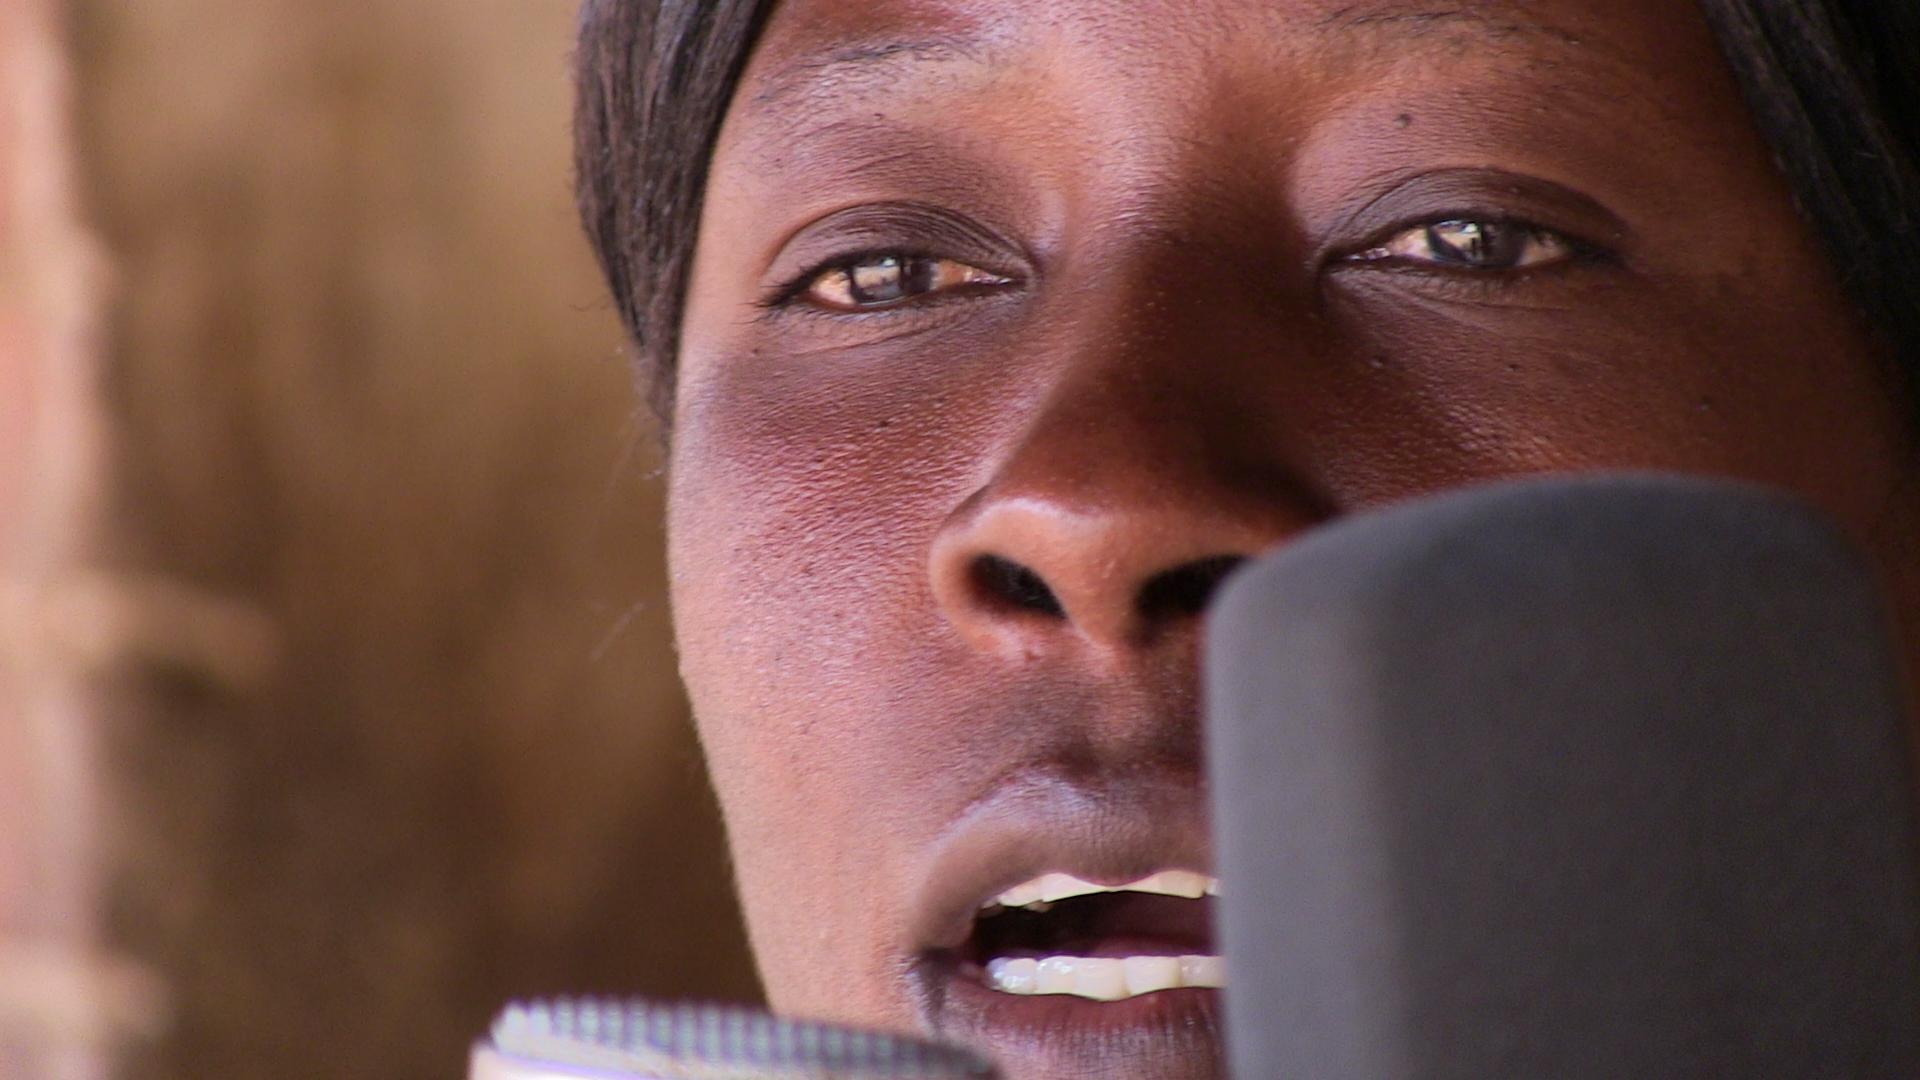 PRI feature on Zomba Prison Project